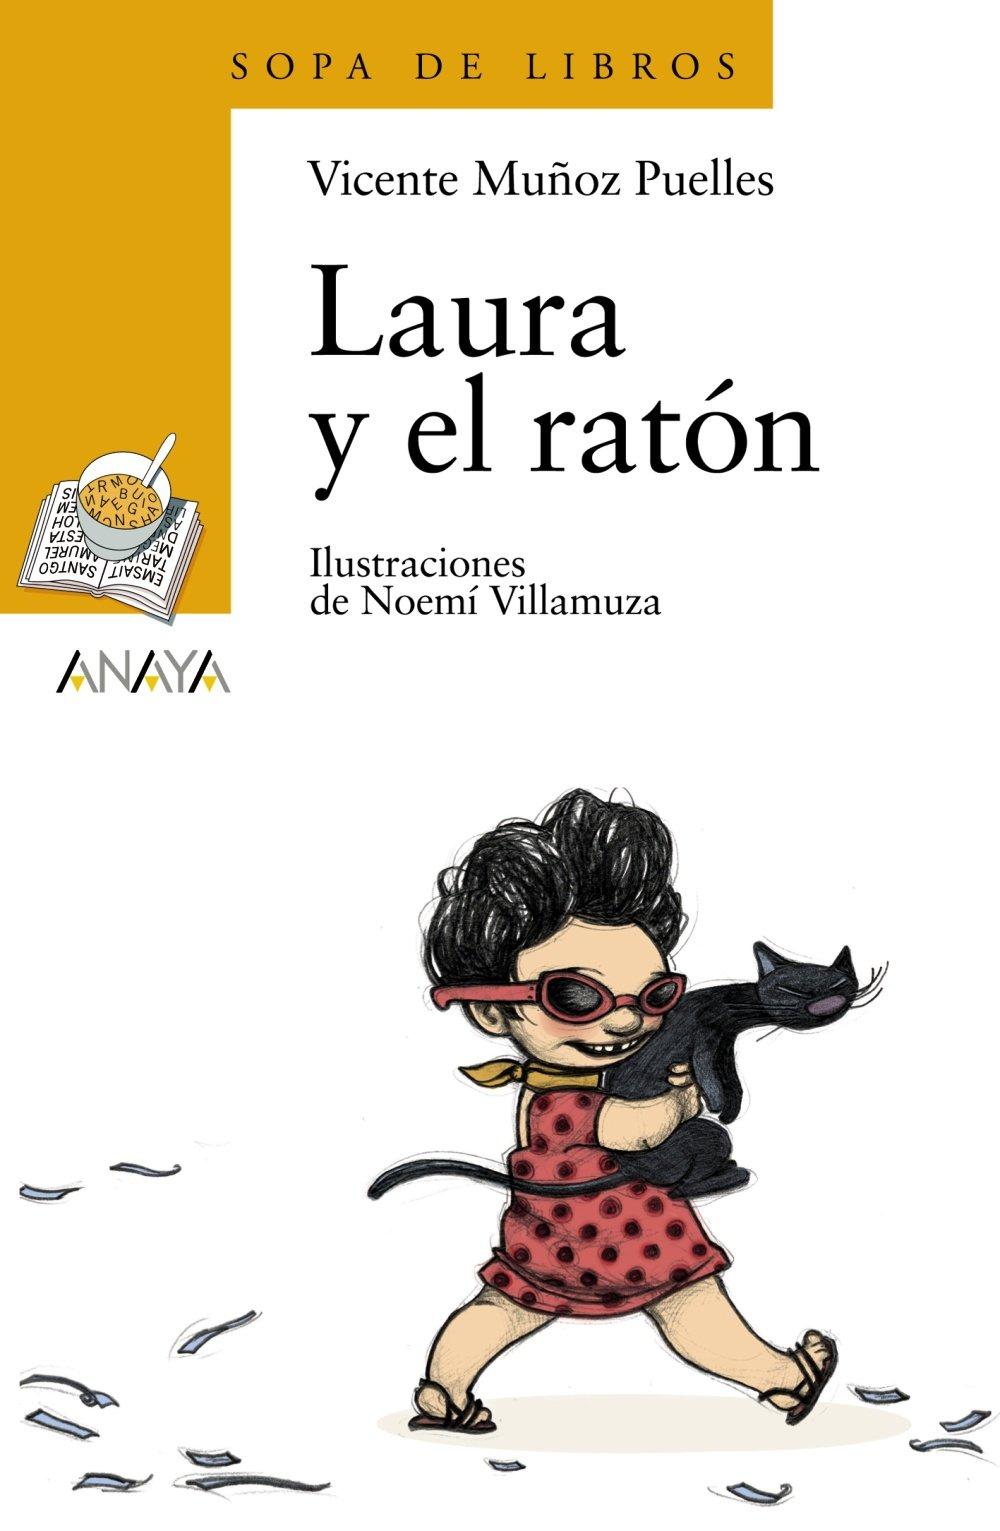 Laura y el ratón LITERATURA INFANTIL 6-11 años - Sopa de Libros: Amazon.es: Muñoz Puelles, Vicente, Villamuza, Noemí: Libros